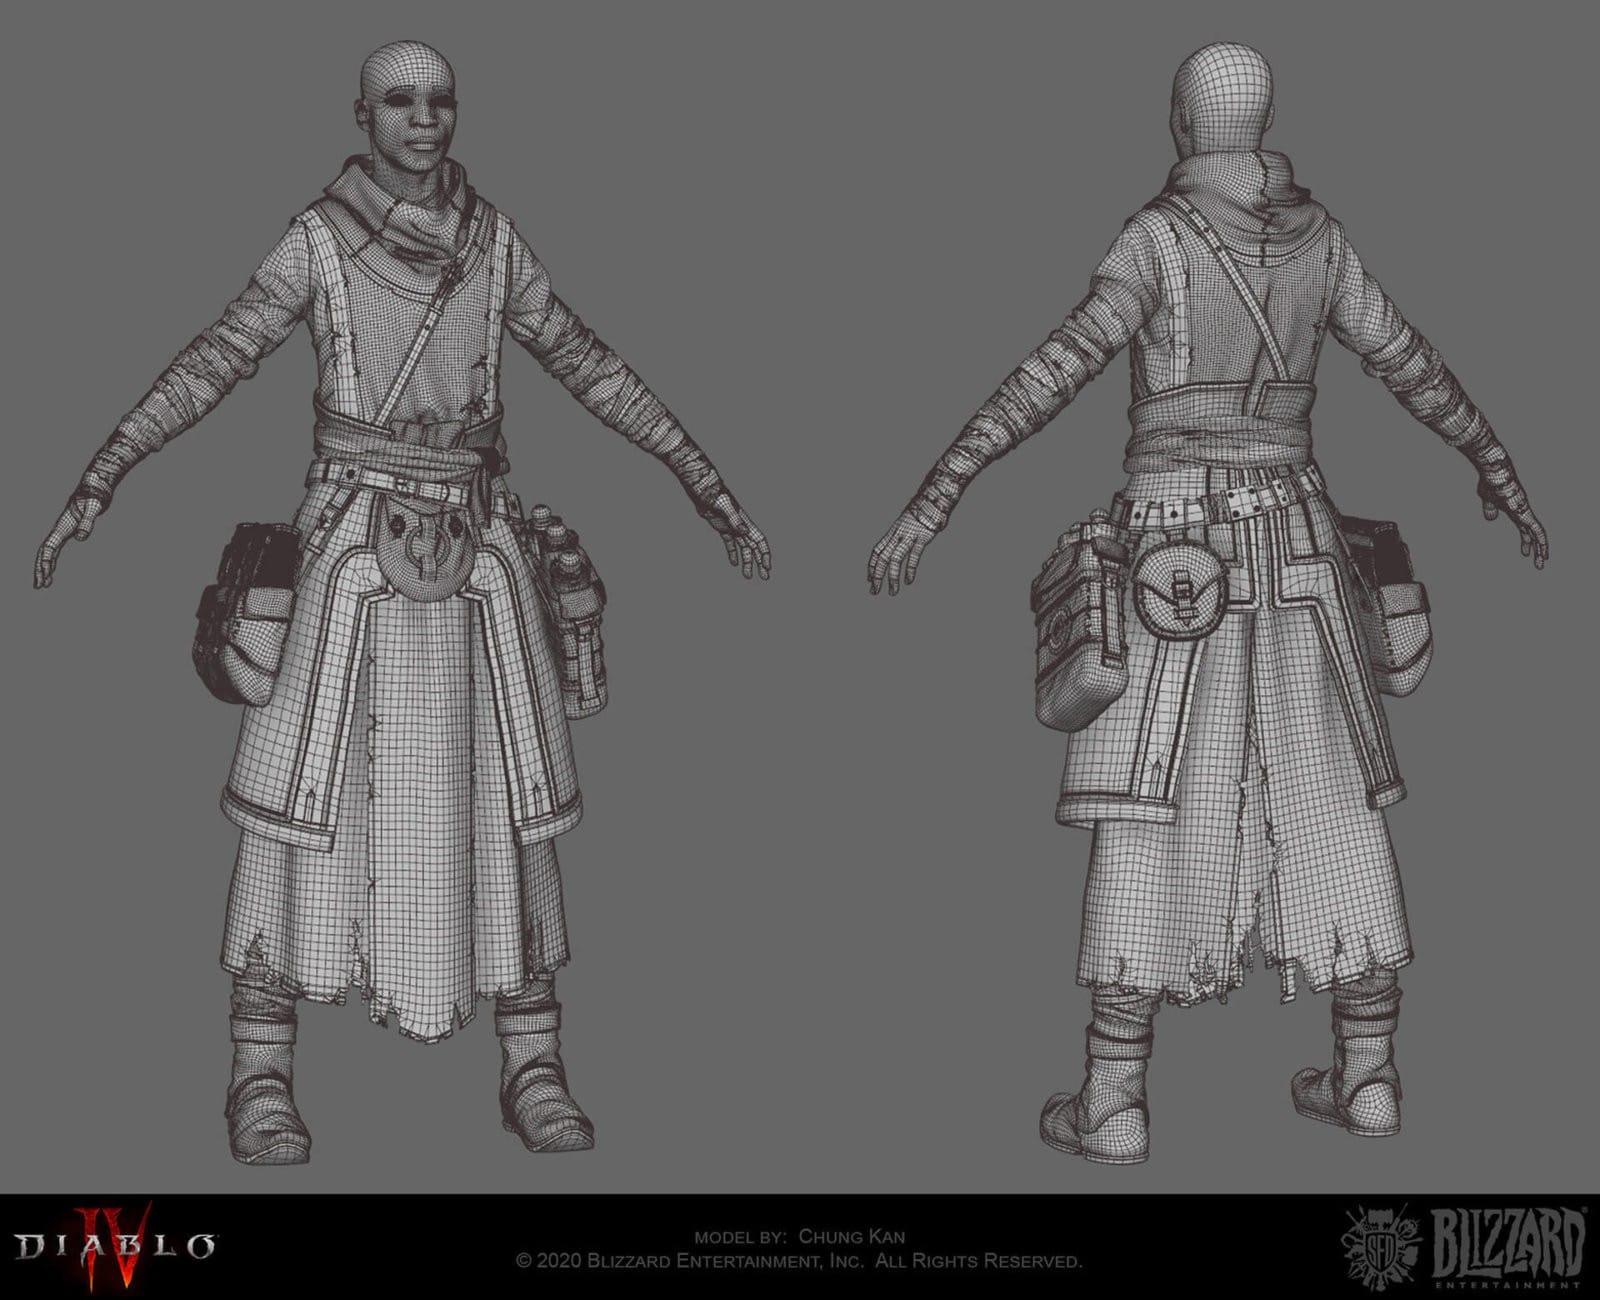 In tre discendono monaco modellazione di Ching Kan